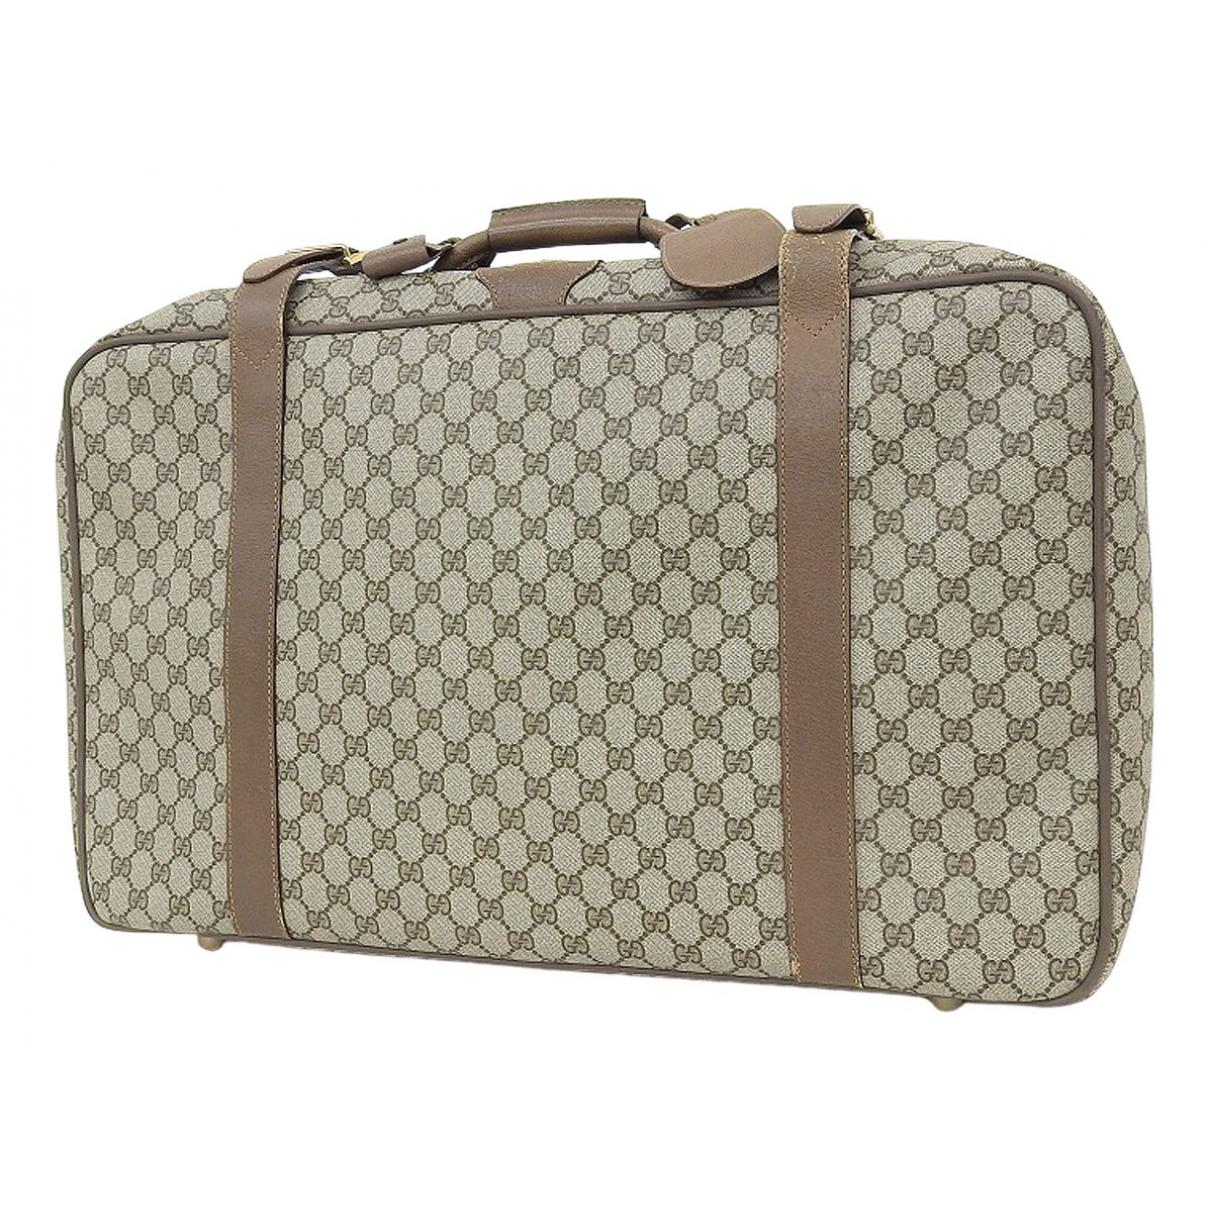 Gucci \N Reisetasche in  Beige Leinen